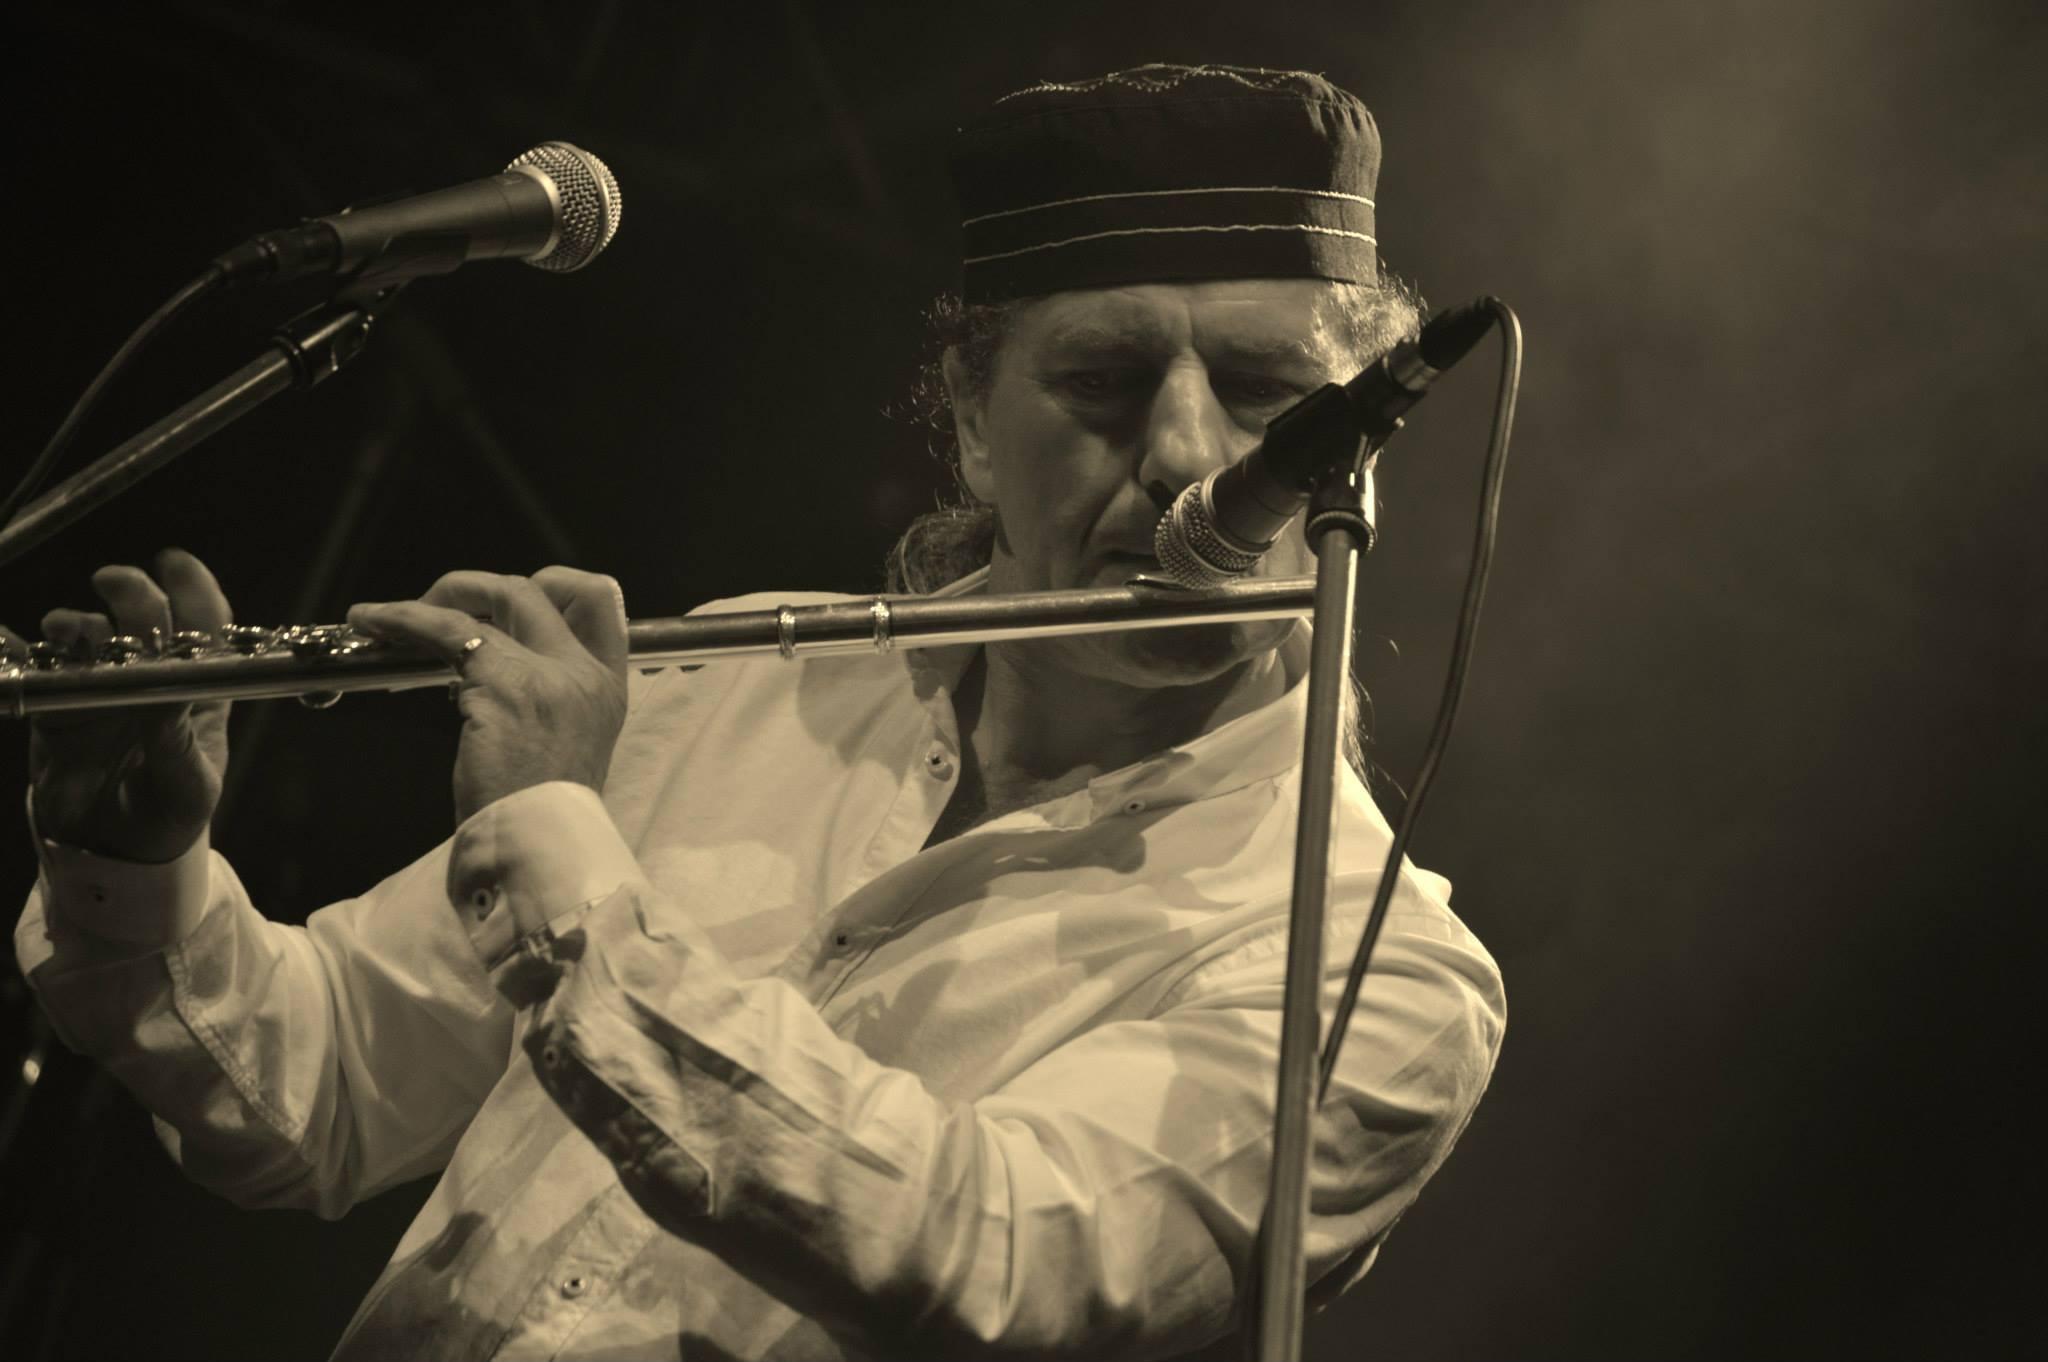 Stefan Błaszczyński